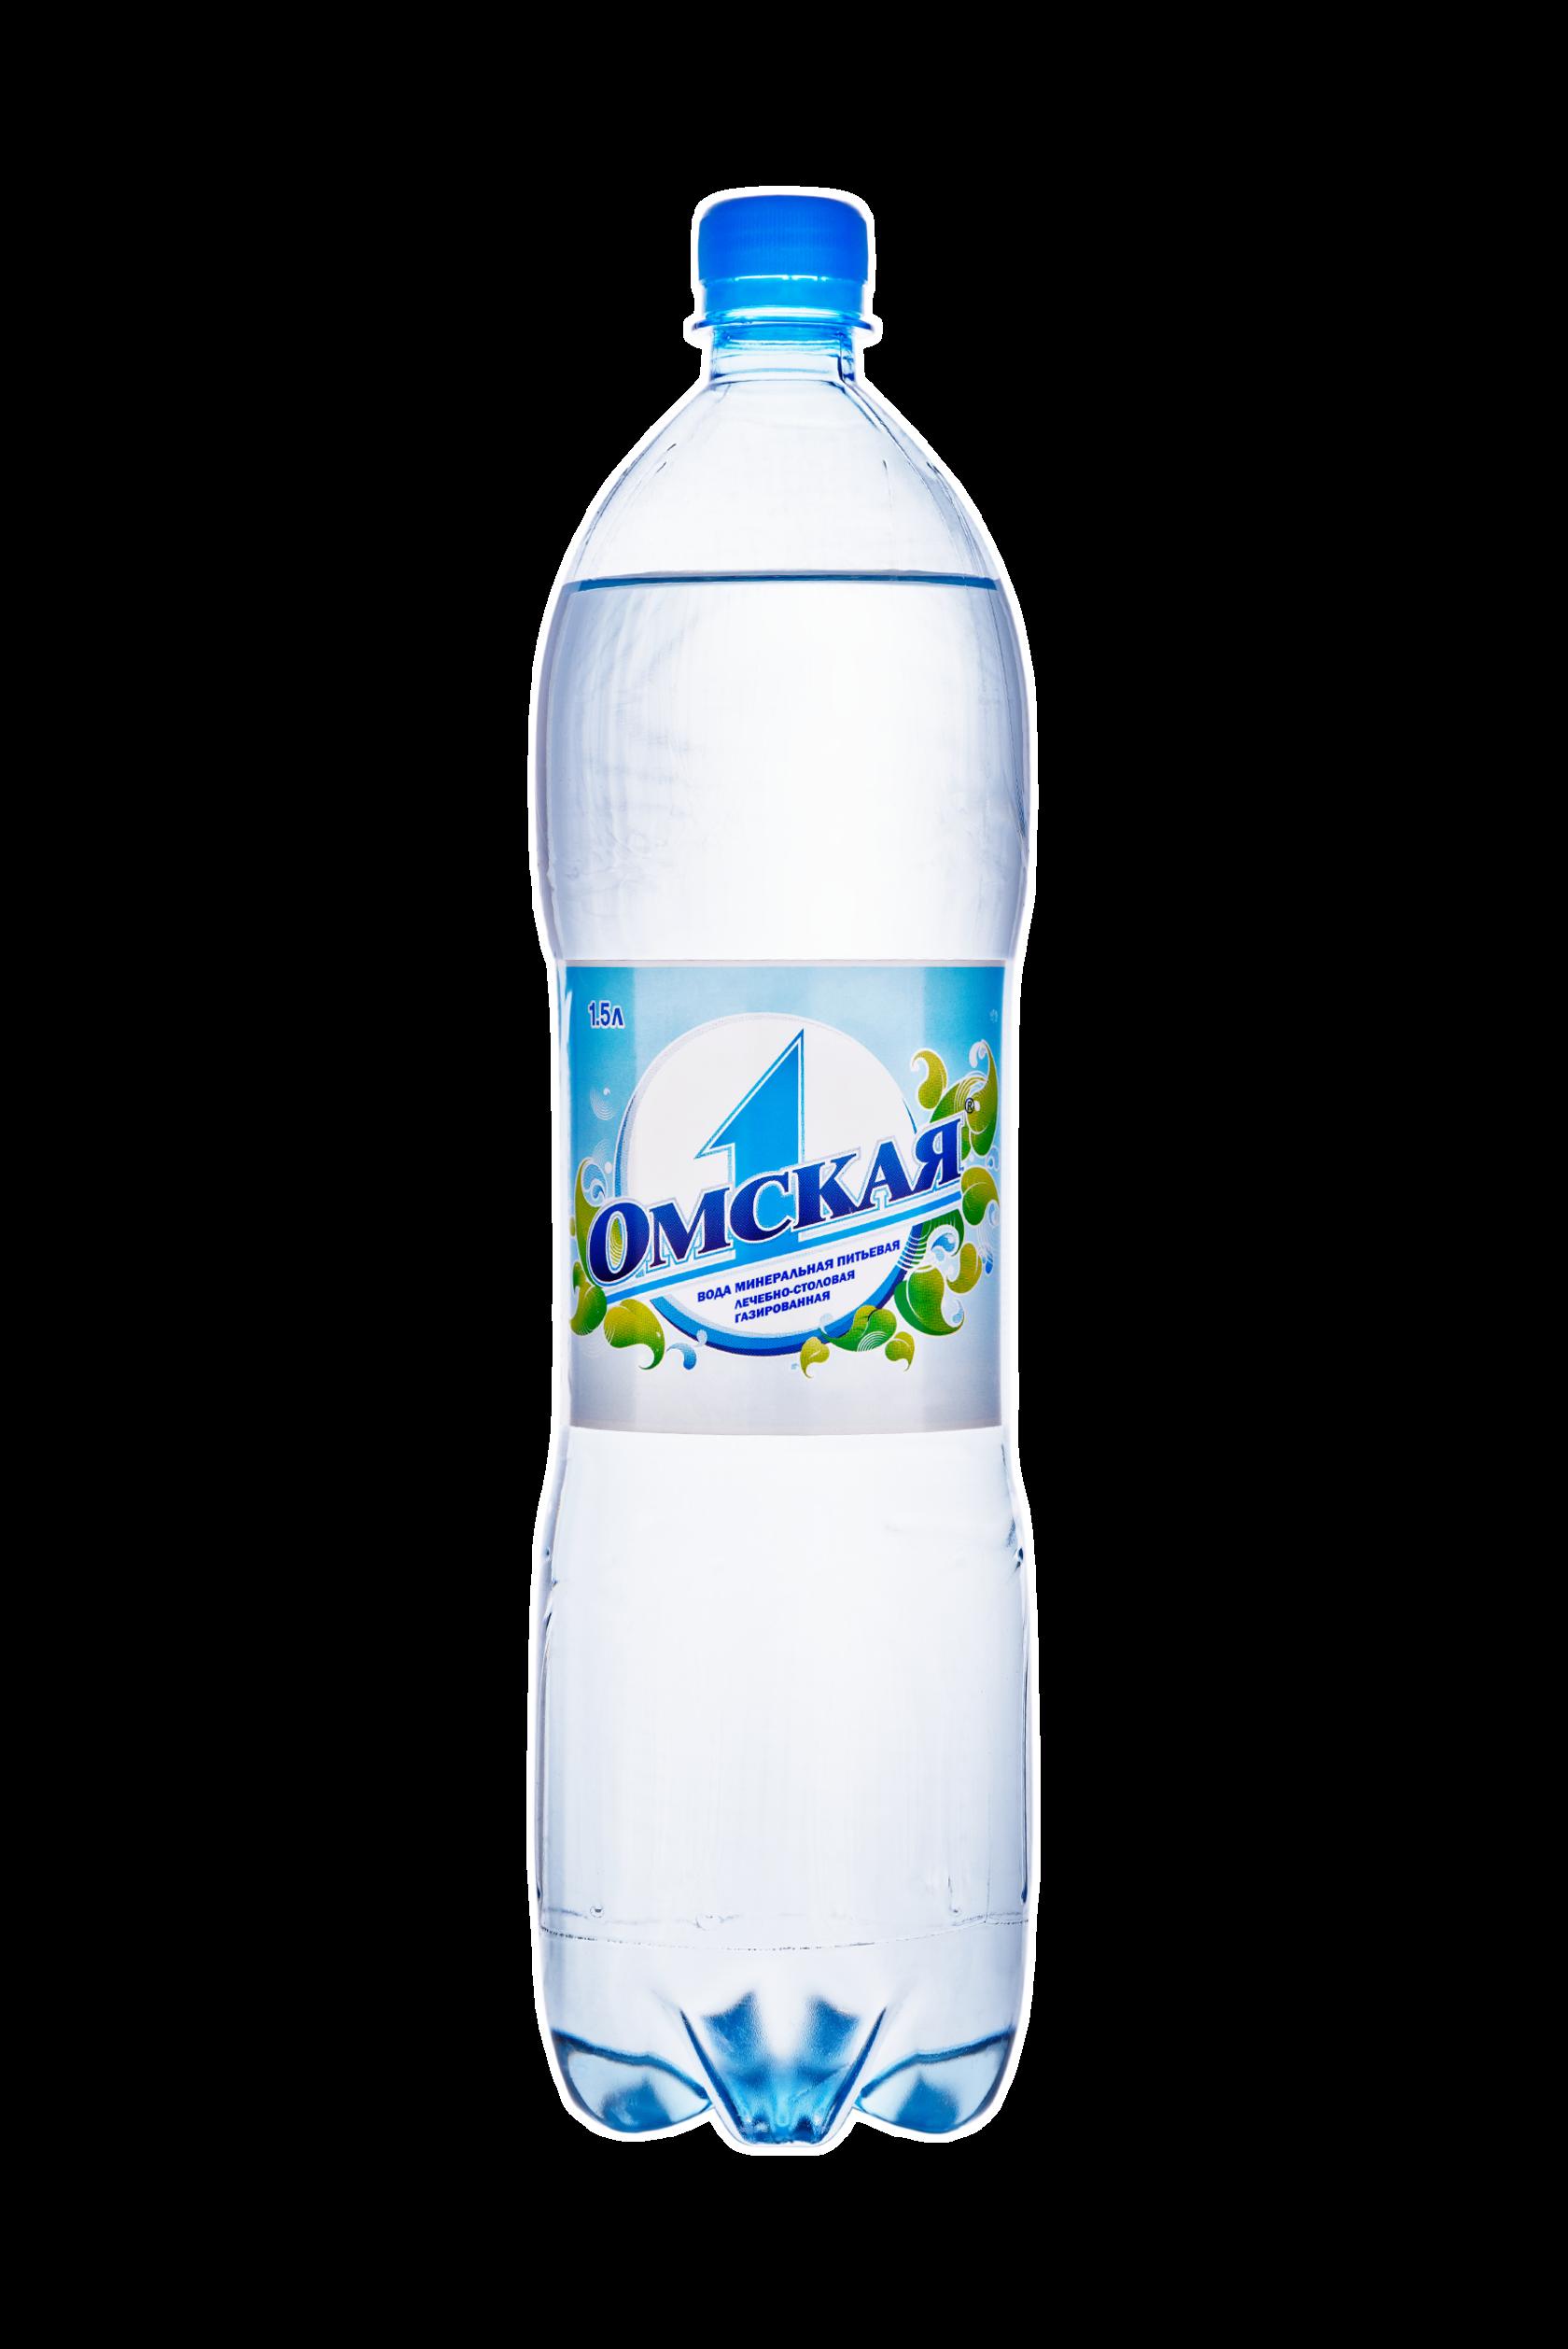 Какую минеральную воду нельзя при гипертонии